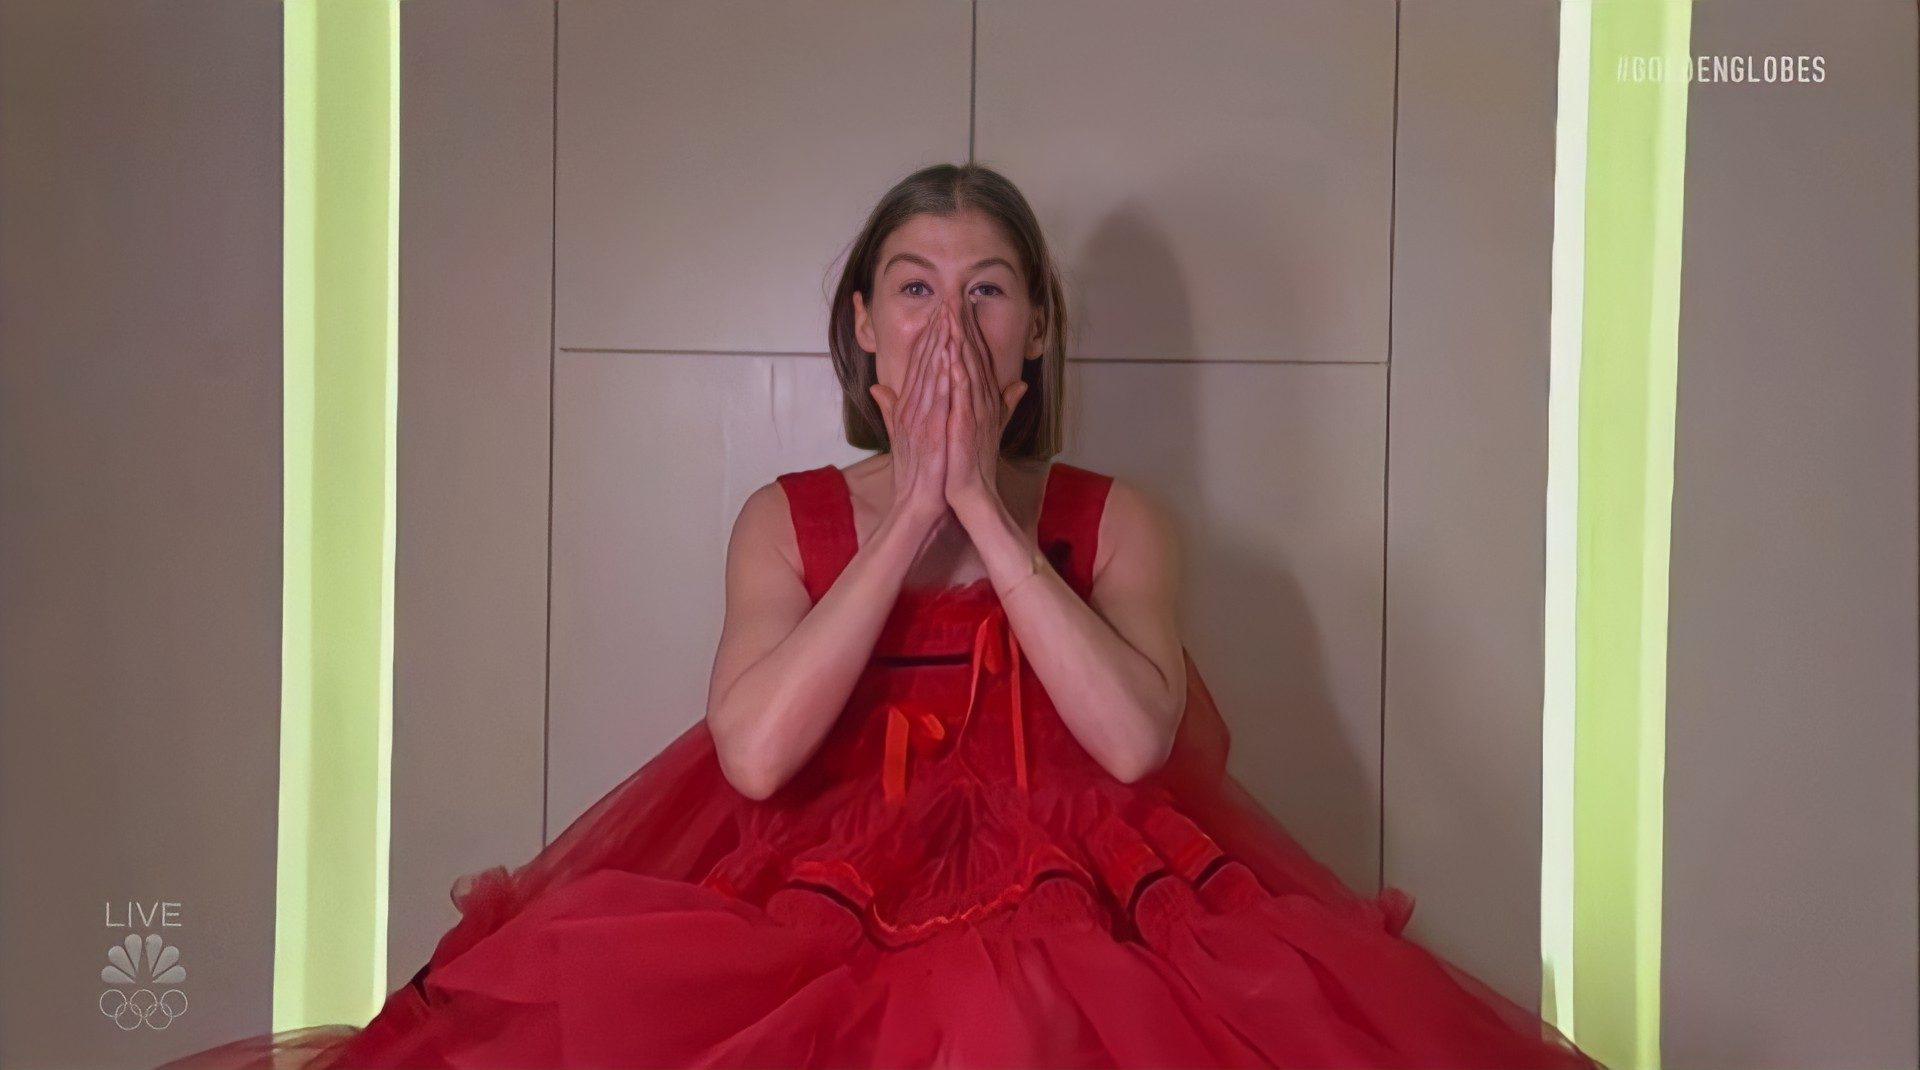 Foto da atriz Rosamund. Uma mulher branca, de cabelo liso, na altura dos ombros e loiro. Ela veste um vestido vermelho cheio de babados. As mãos estão na boca expressão surpresa. O fundo é cinza.